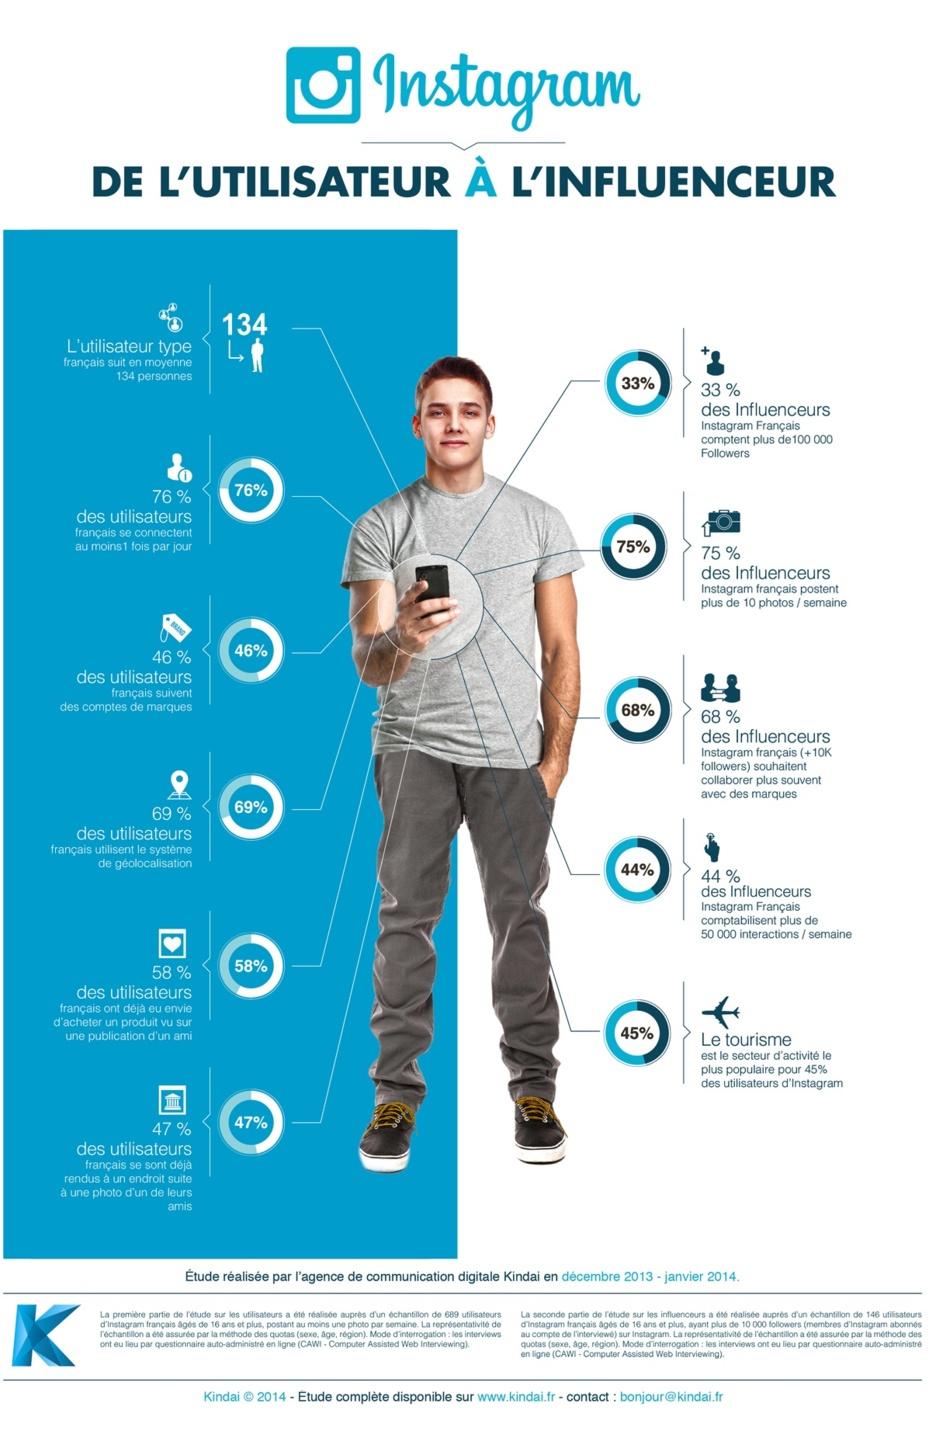 Kindai, agence de communication digitale spécialisée dans les réseaux sociaux et le brand content publie une étude sur les interactions entre utilisateurs, influenceurs et marques sur Instagram pour la France.